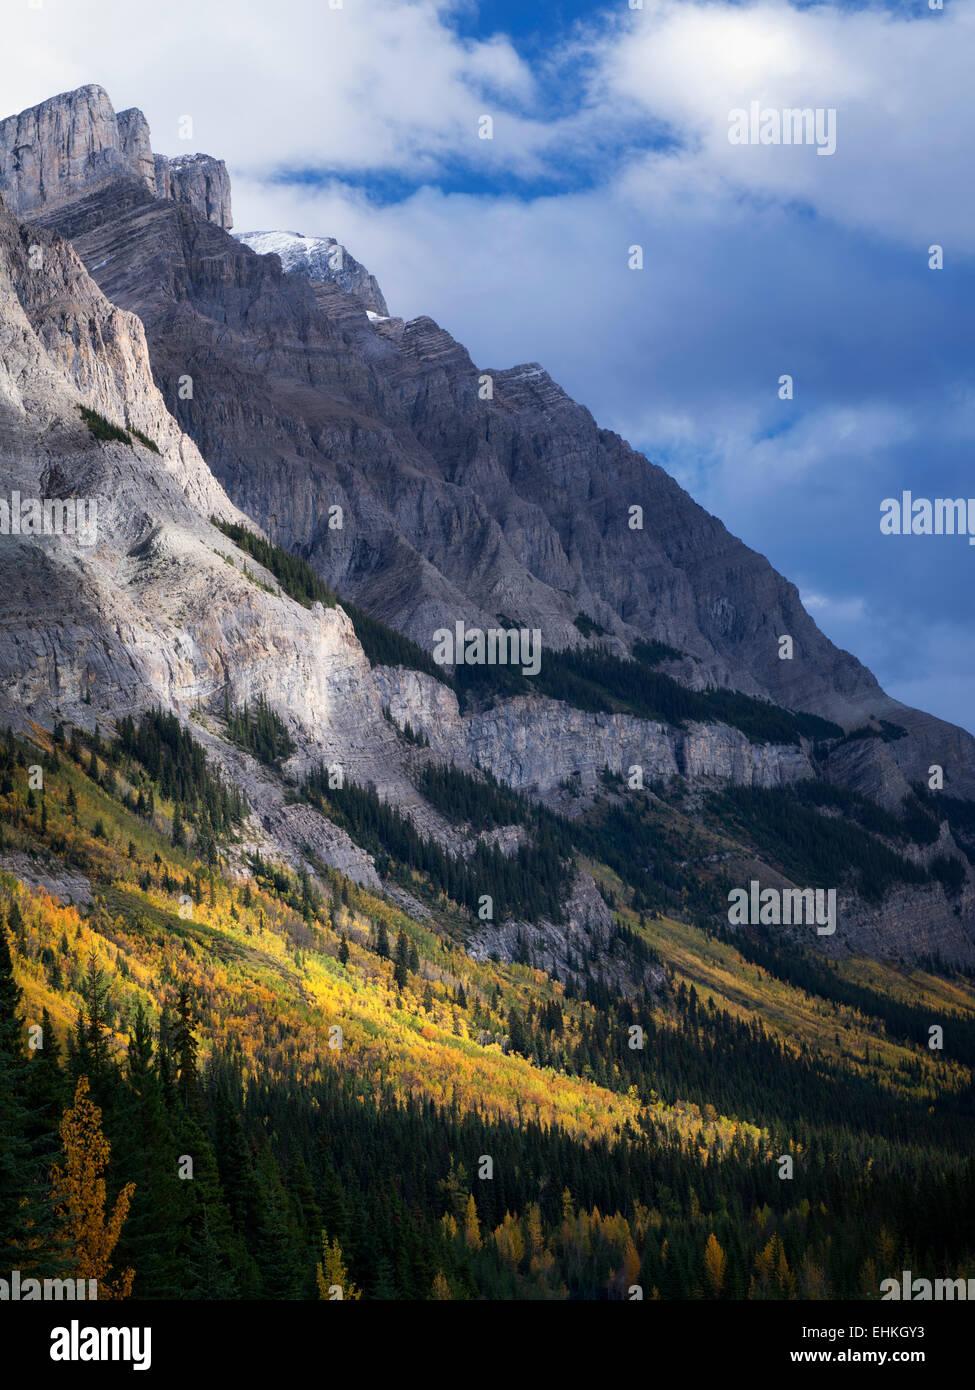 Le Mountainside avec automne peupliers de couleur. Le parc national Banff, Alberta, Canada Photo Stock